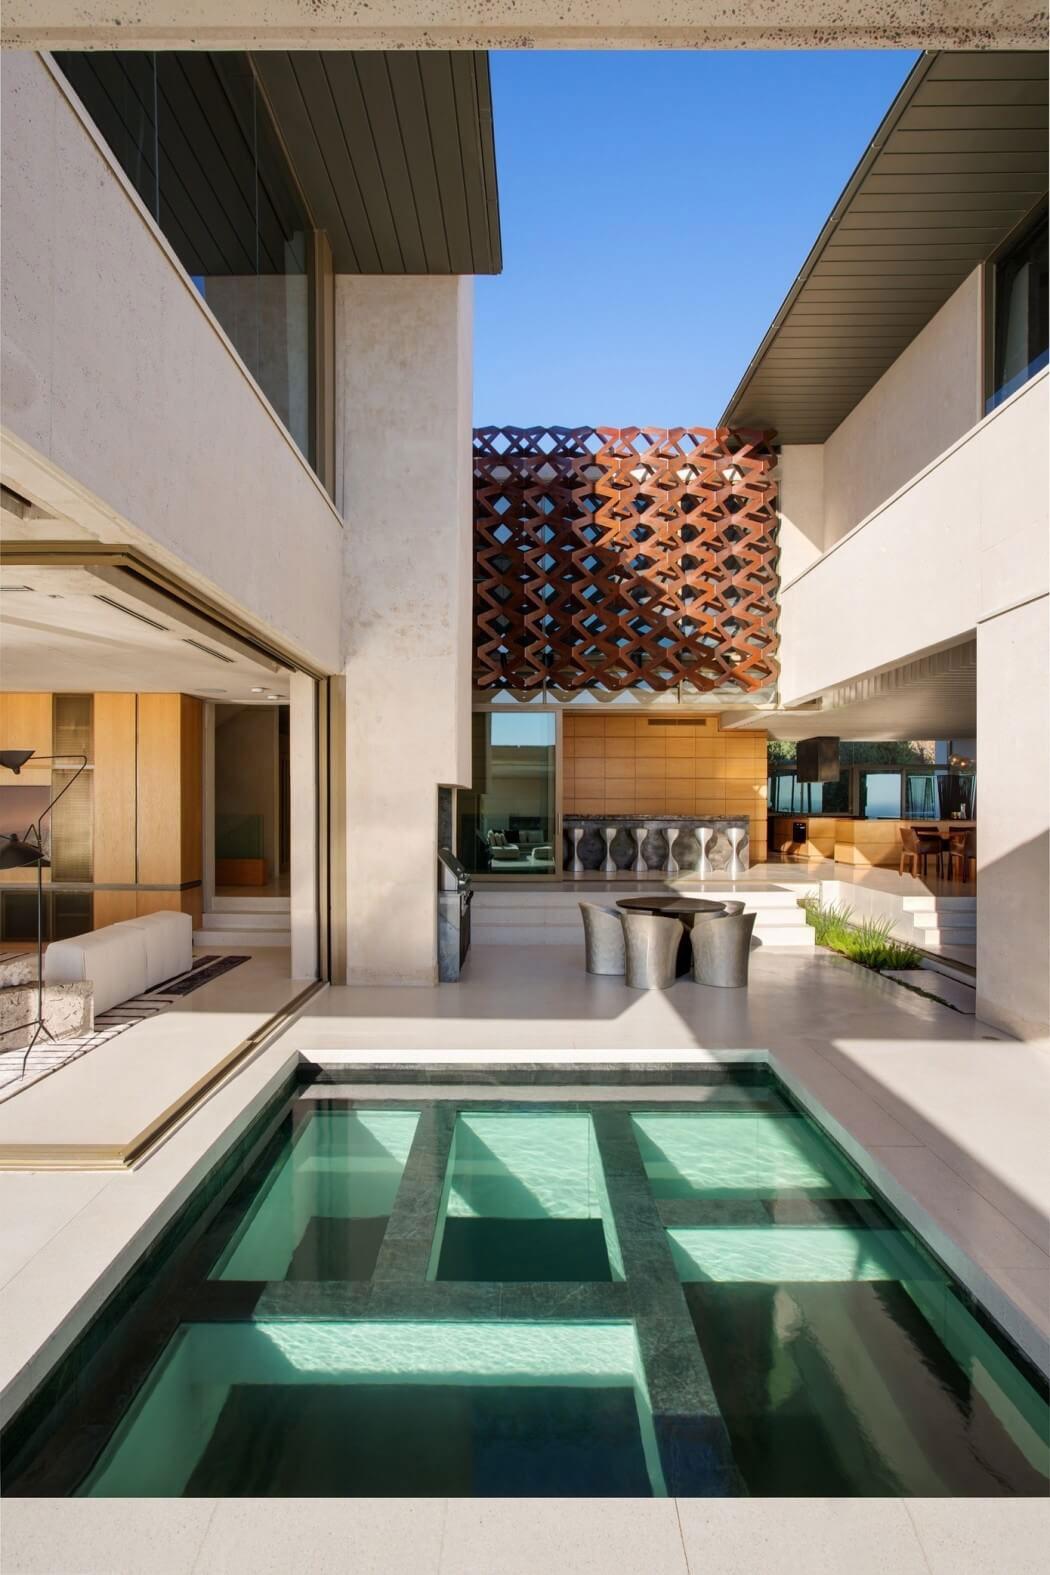 Lyxig-samtida-bostad-designad av-SAOTA-och-Studio-Parkington-3 Lyxig samtida bostad-designad av SAOTA och Studio Parkington